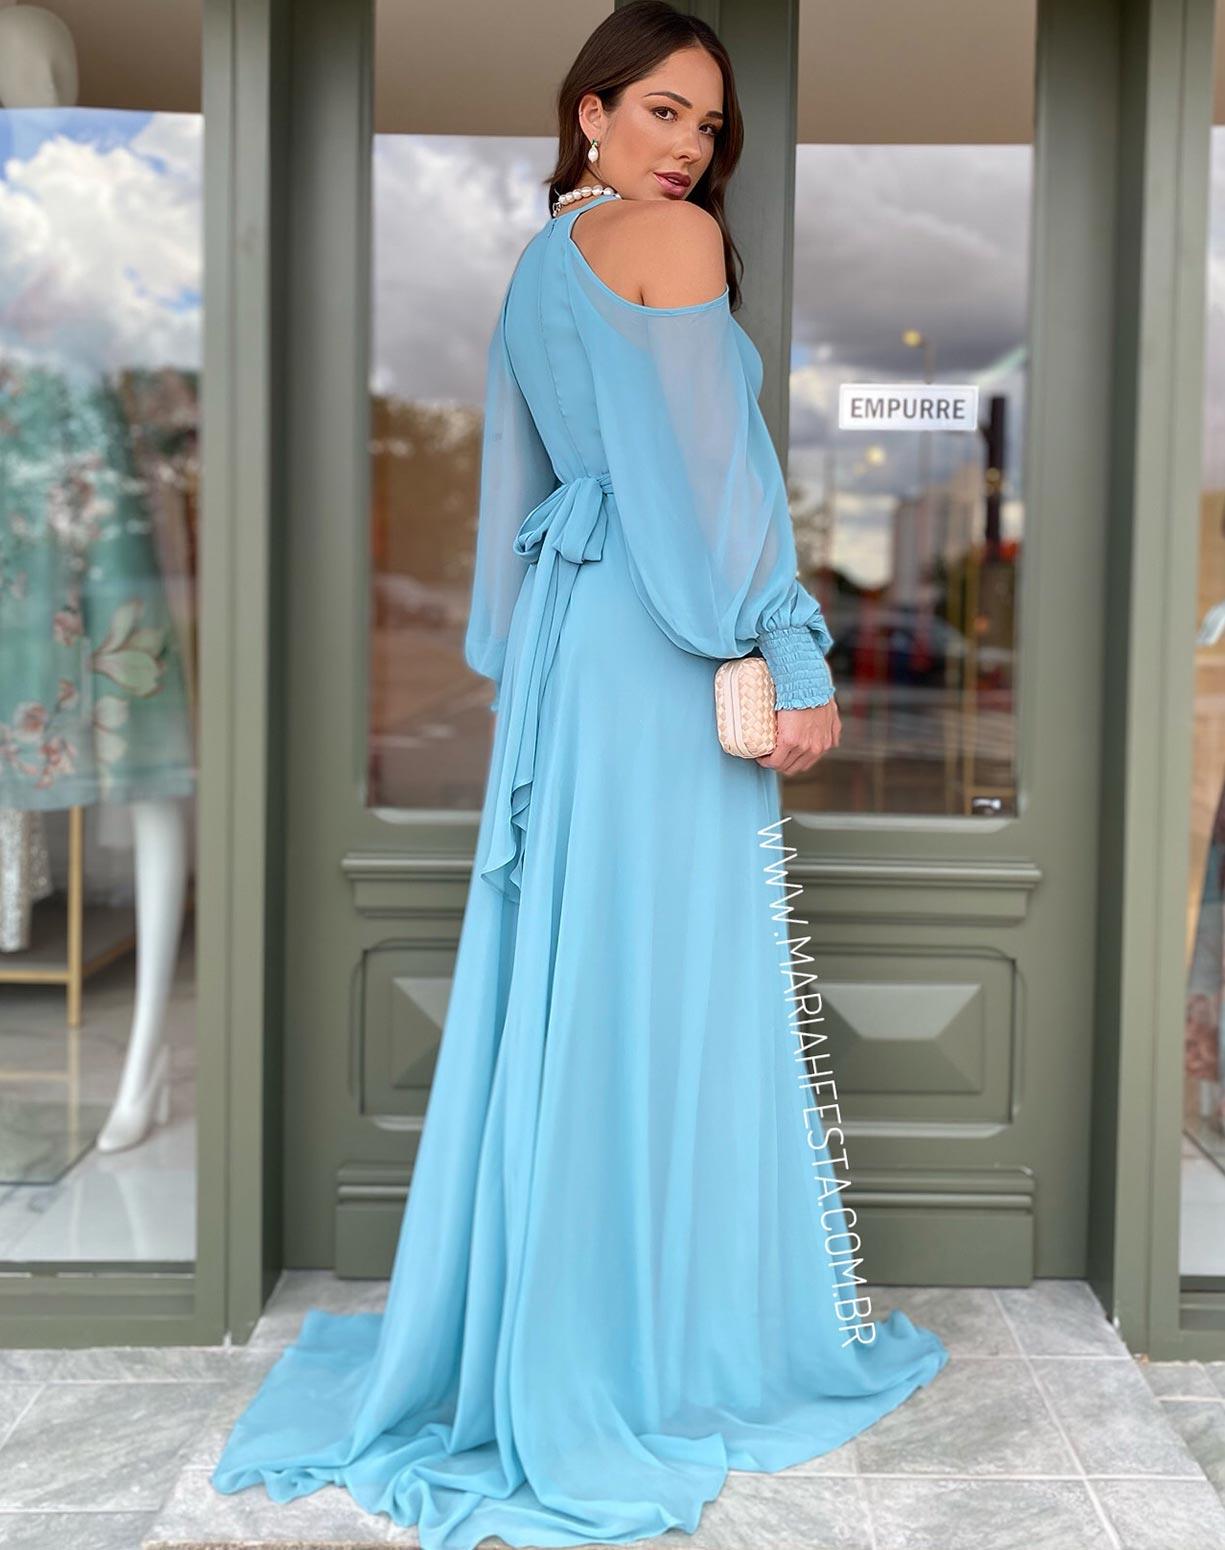 Vestido Azul Serenity com Manga Bufante Vazada no Ombro